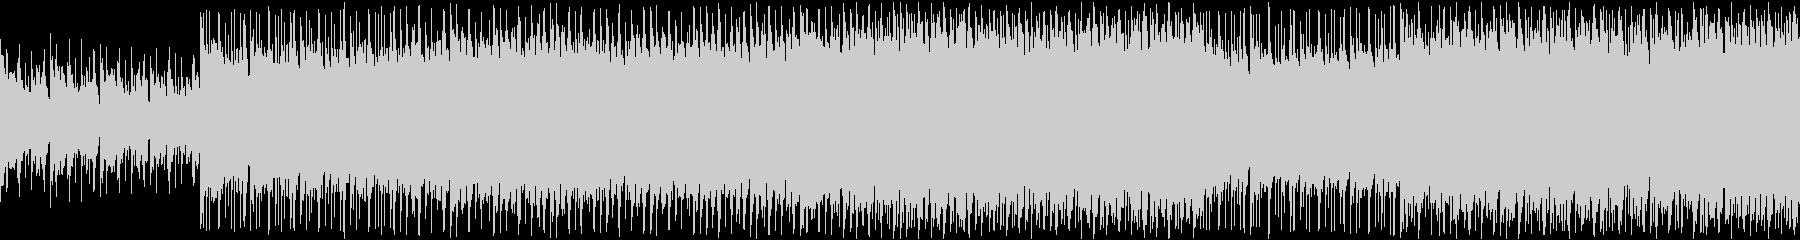 明るいキラキラトロピカルポップ ループの未再生の波形